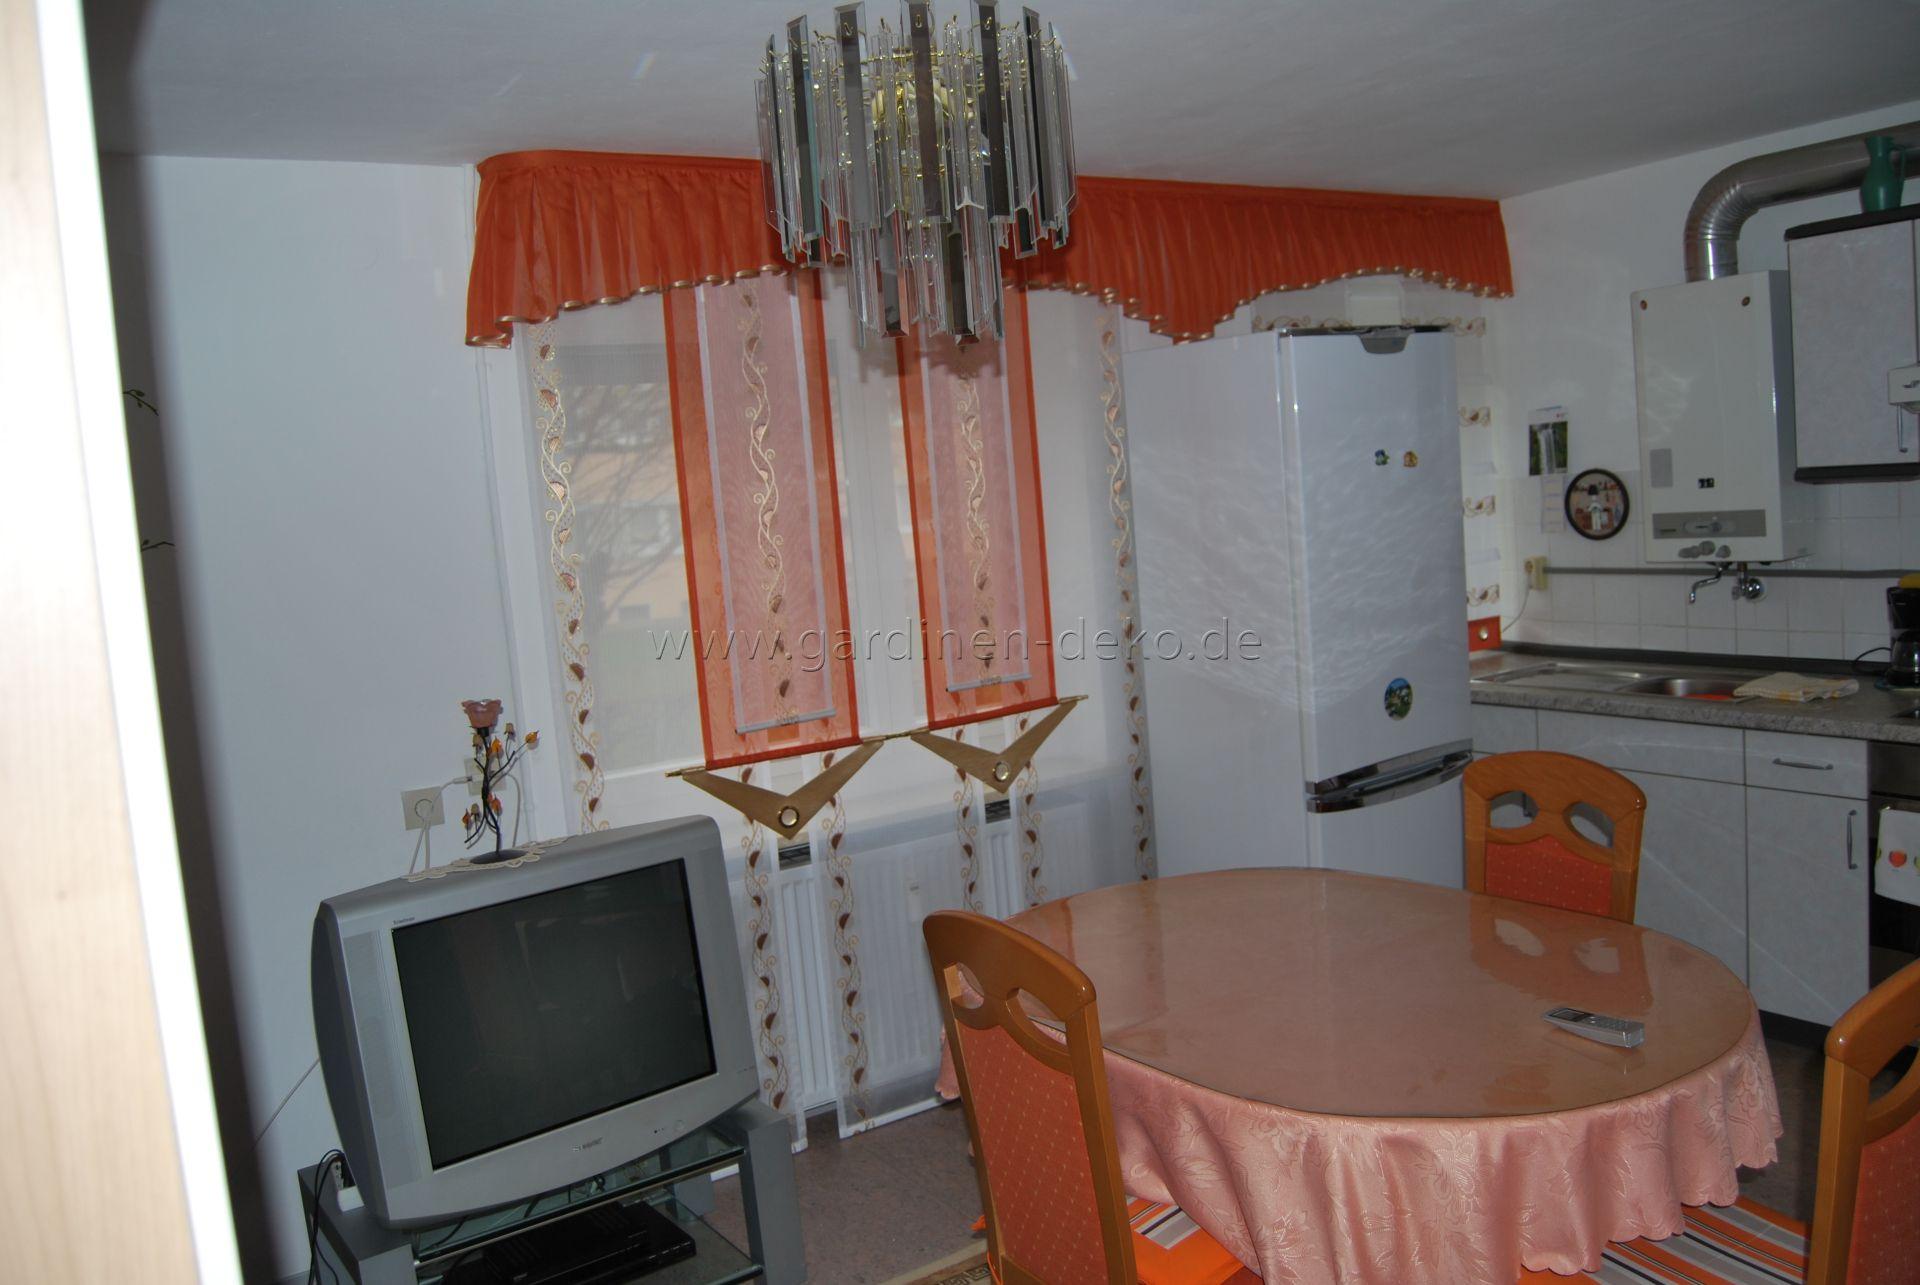 Ausgefallene Schiebegardine Für Die Küche In Dunkel Orange Und - Schiebegardinen schlafzimmer